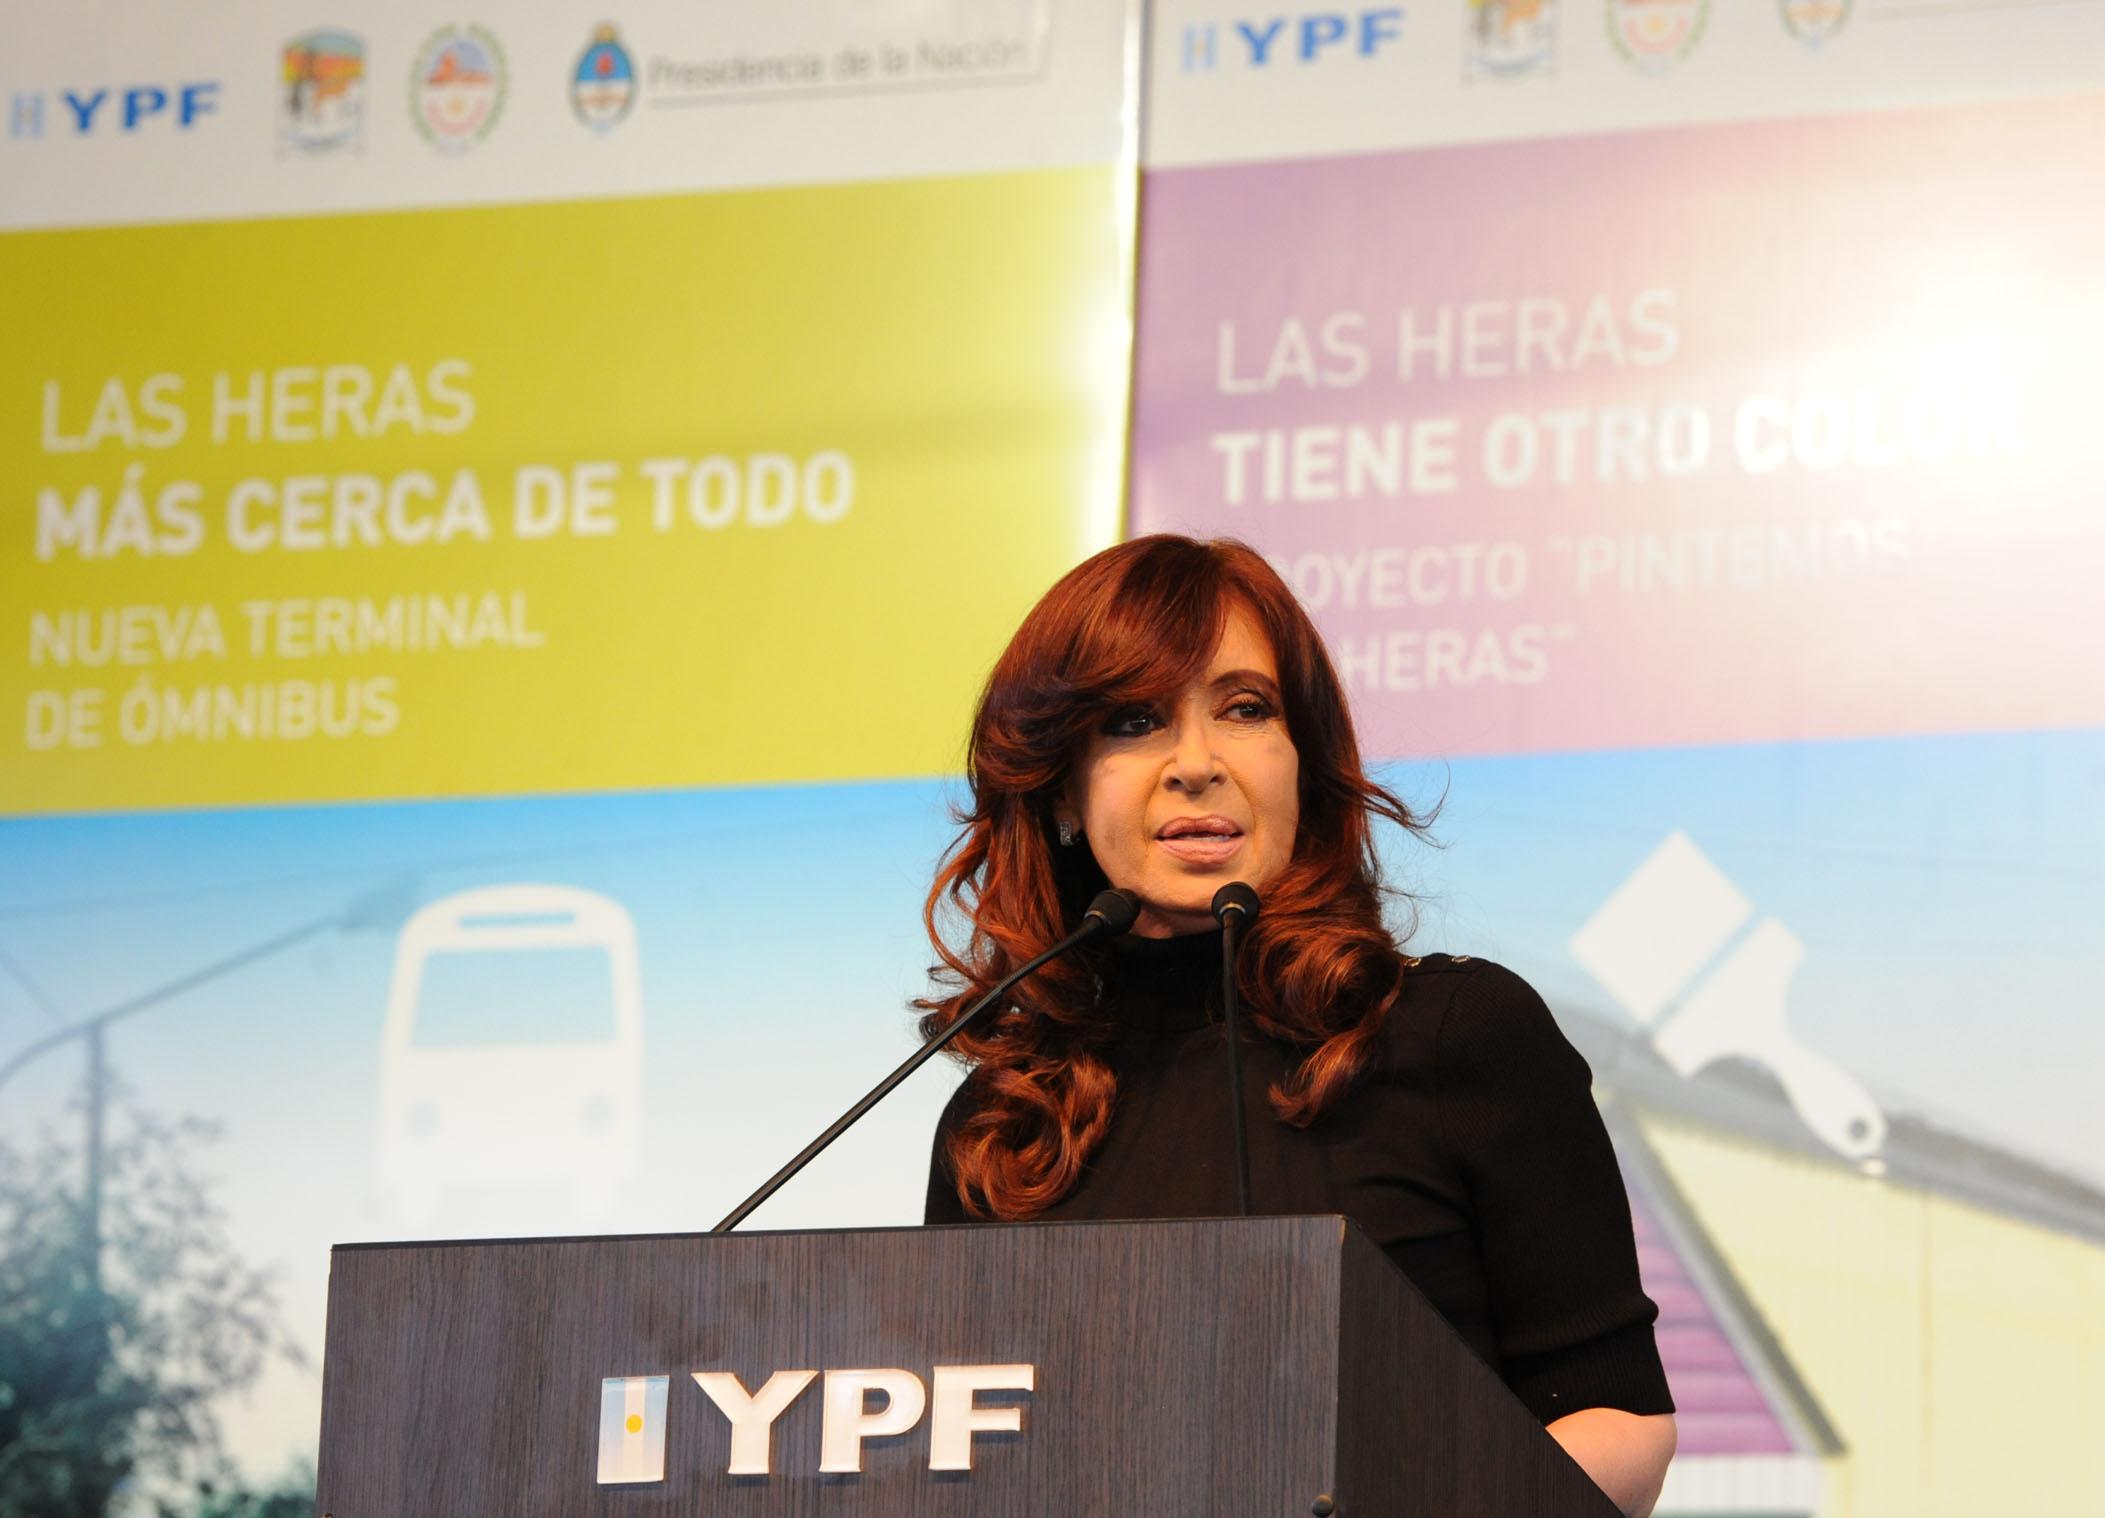 En las redes sociales, el escándalo de los cuadernos golpea a Cristina 2019 pero no la saca de carrera